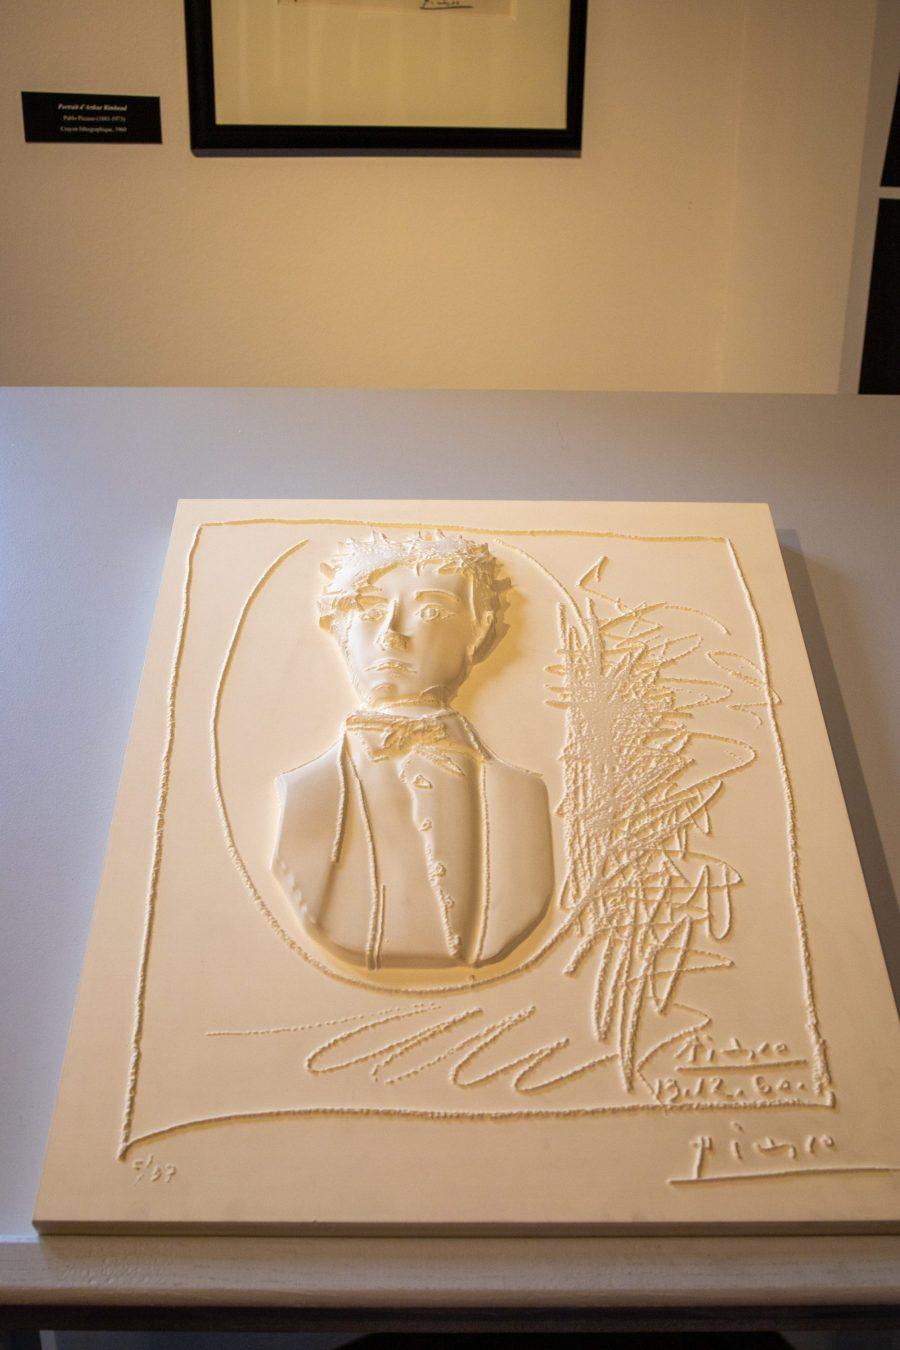 Le poète Arthur Rimbaud